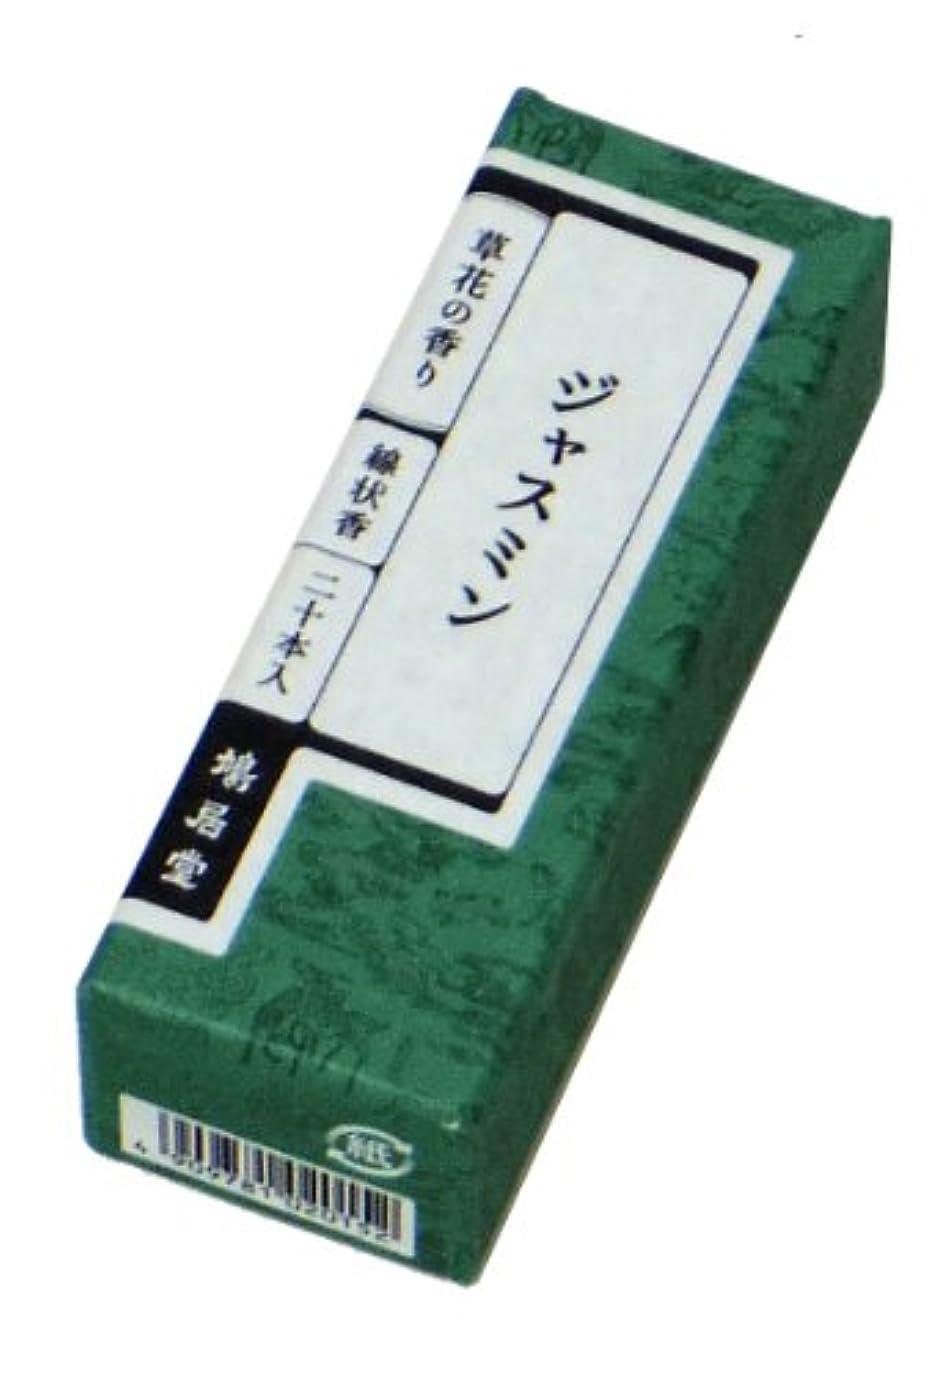 無声で周辺帰する鳩居堂のお香 草花の香り ジャスミン 20本入 6cm